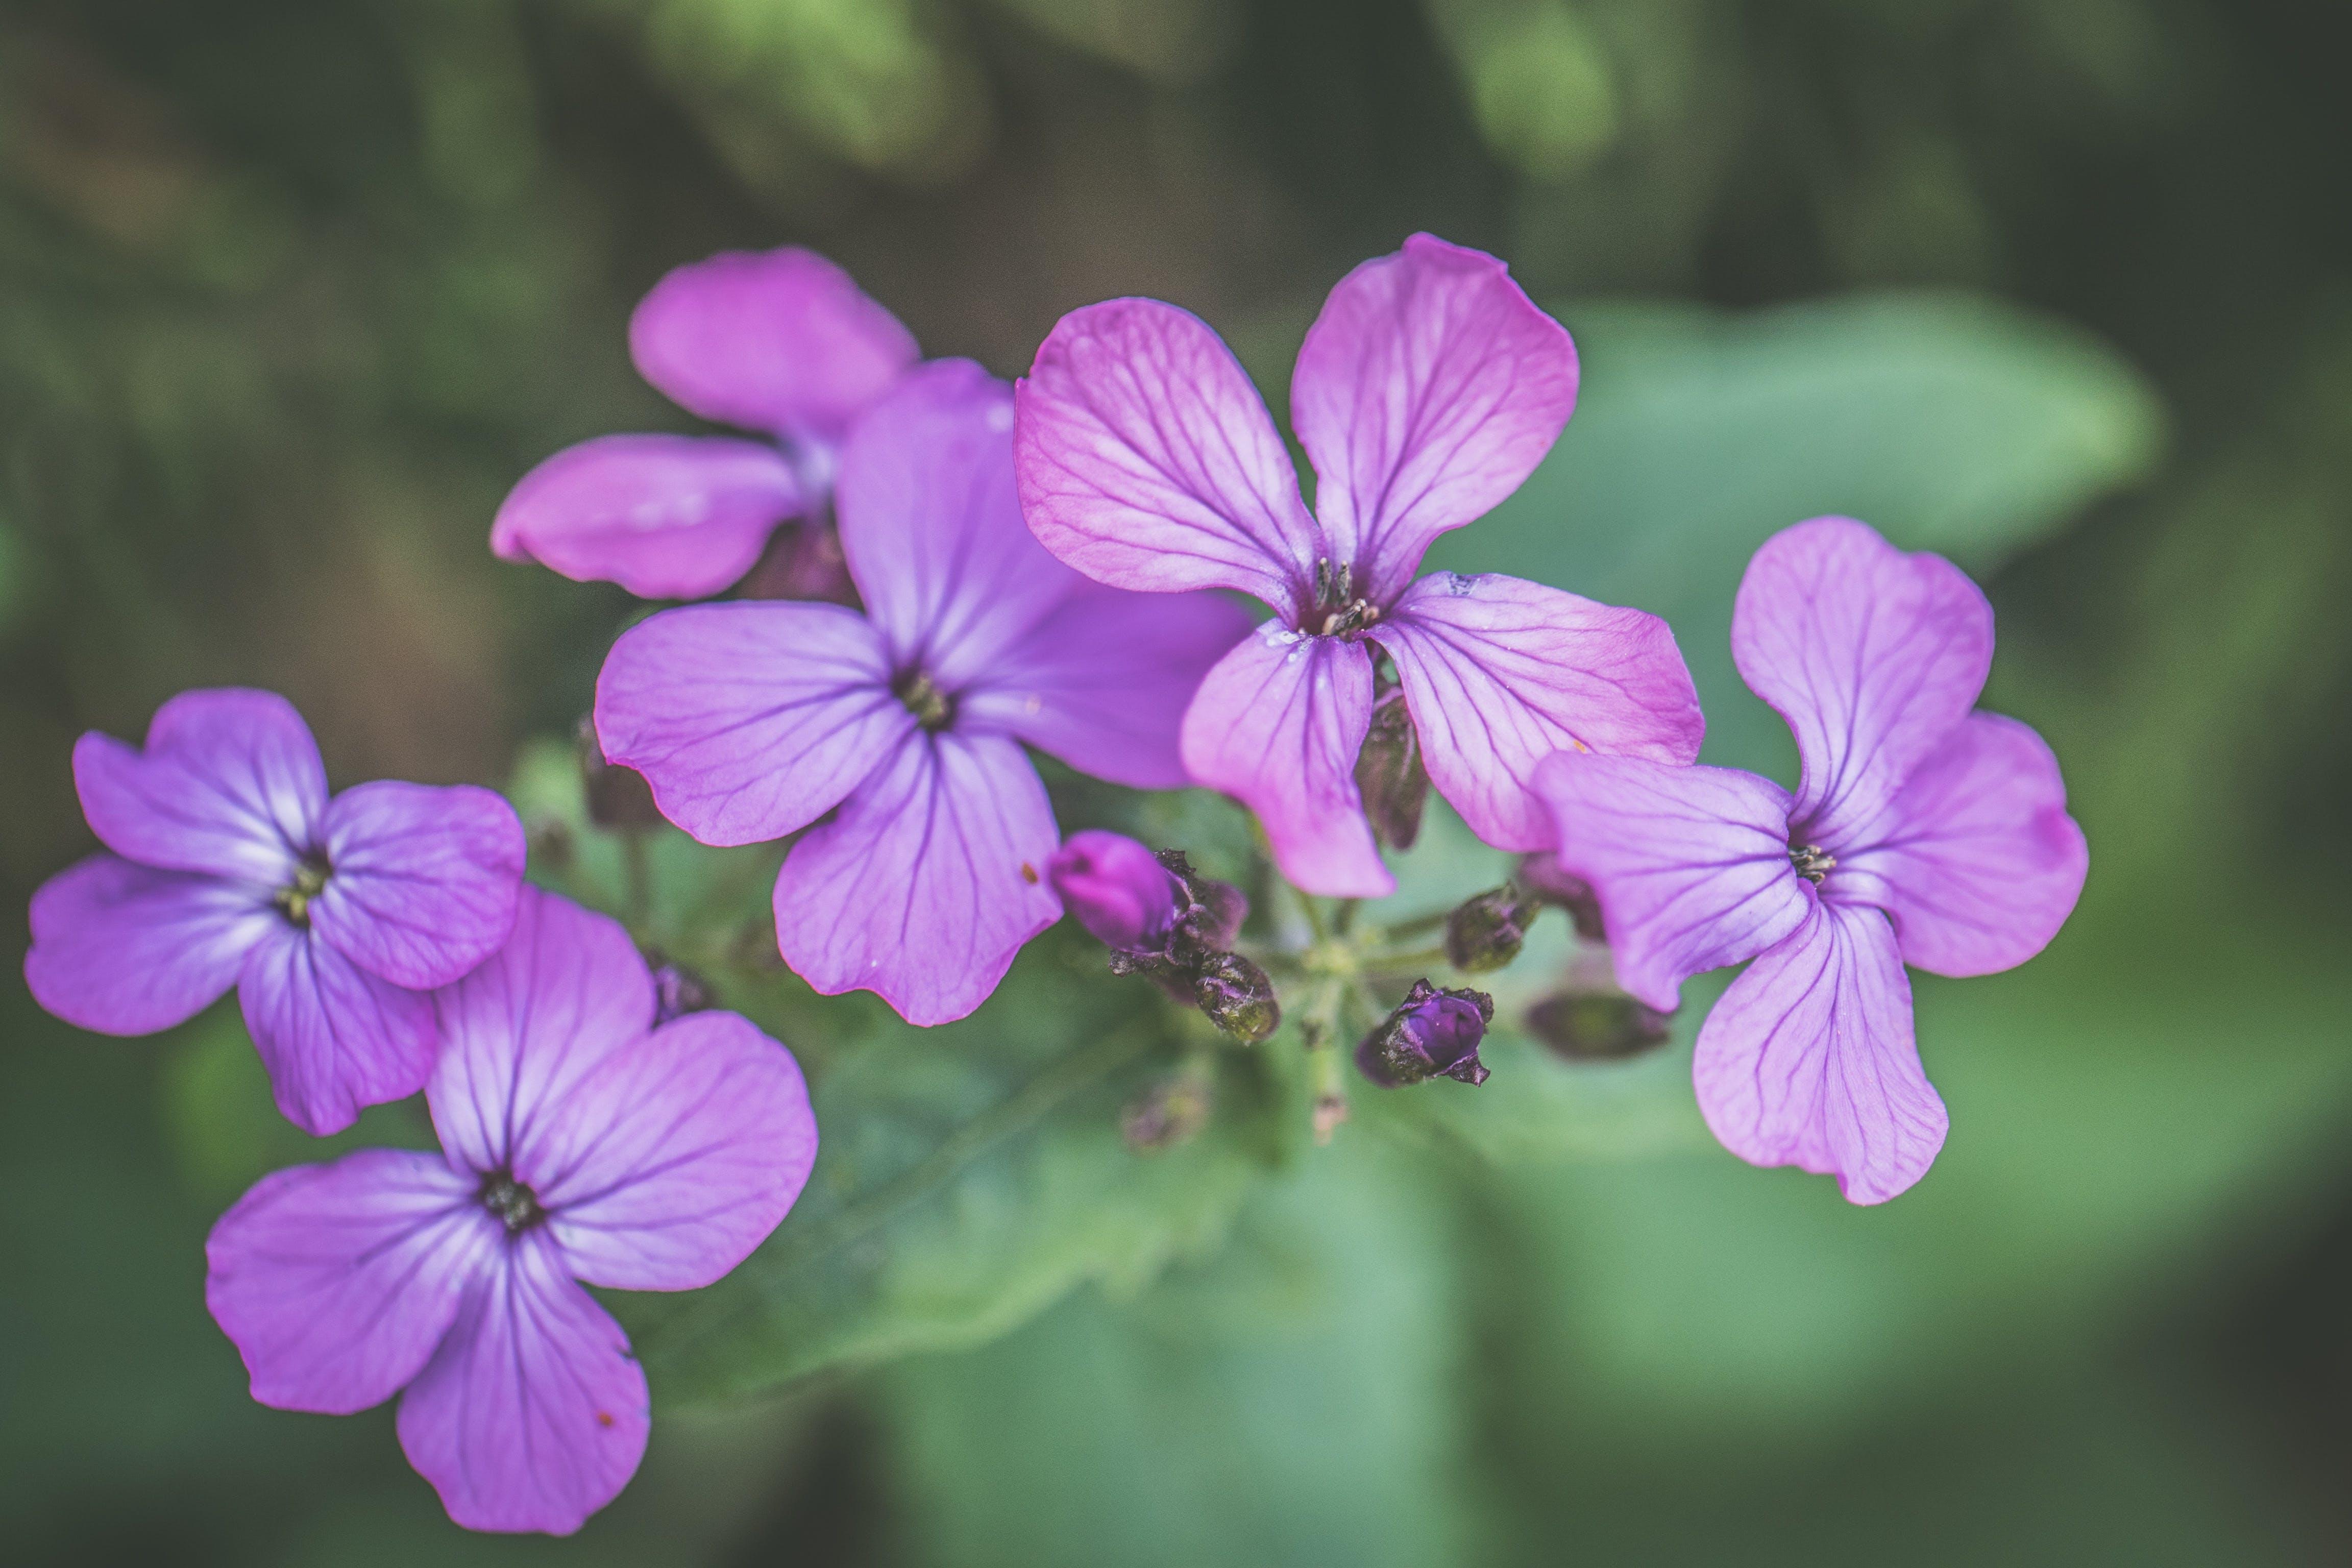 Photo of Purple Petaled Flowers